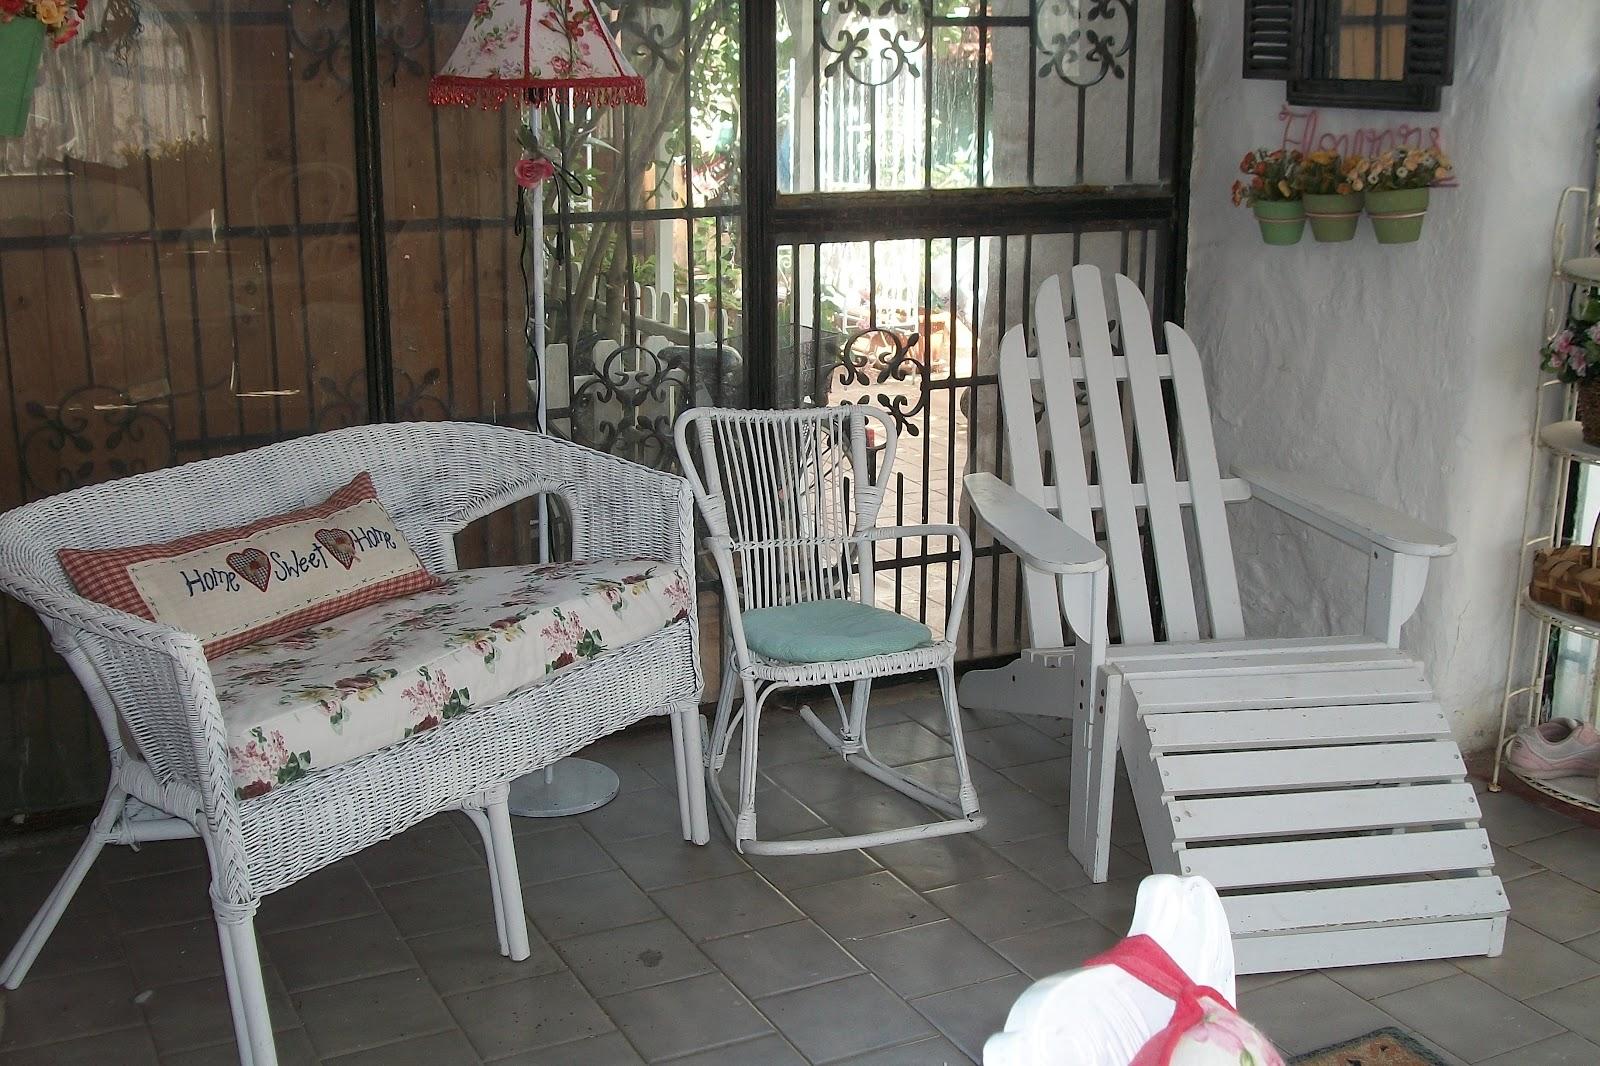 La casa di rory la mia veranda rifatta riciclando - Dipingere mobili ikea ...